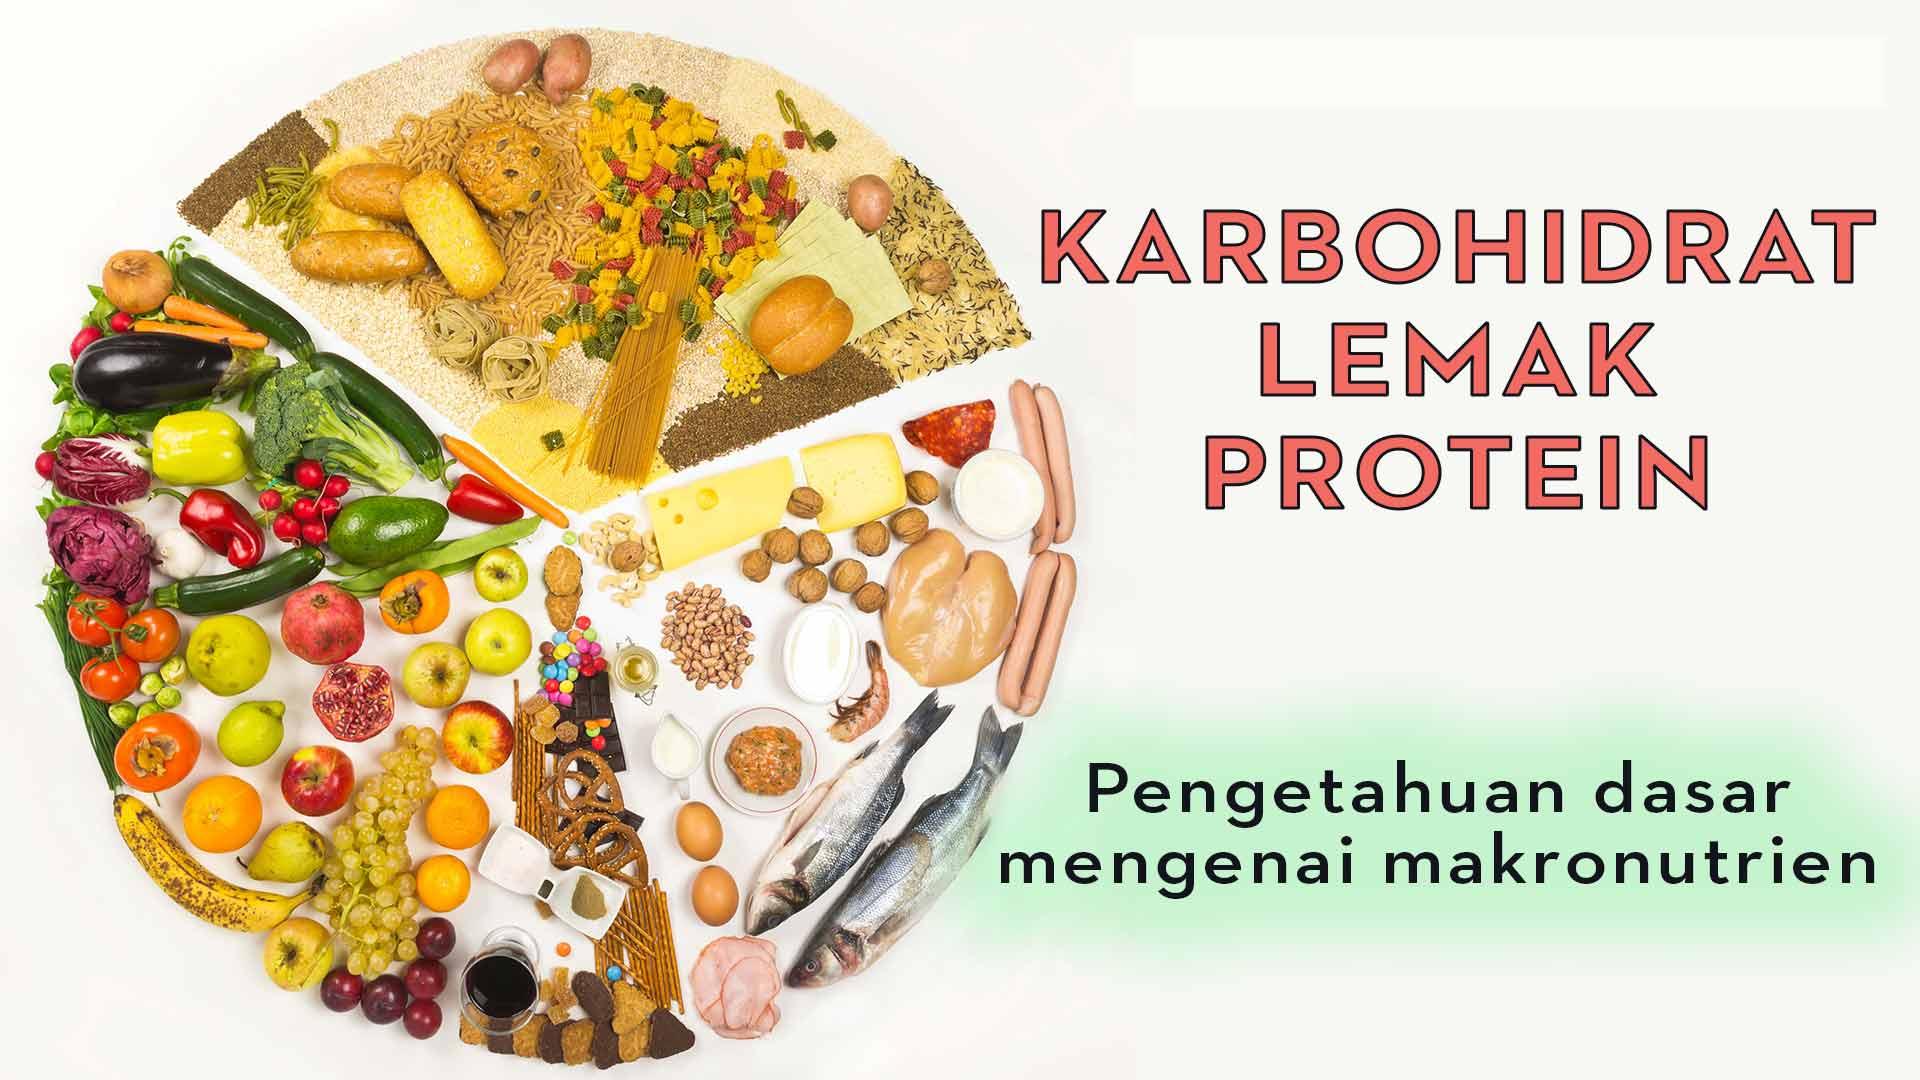 KARBOHIDRAT-LEMAK-PROTEIN-MAKRONUTRIEN